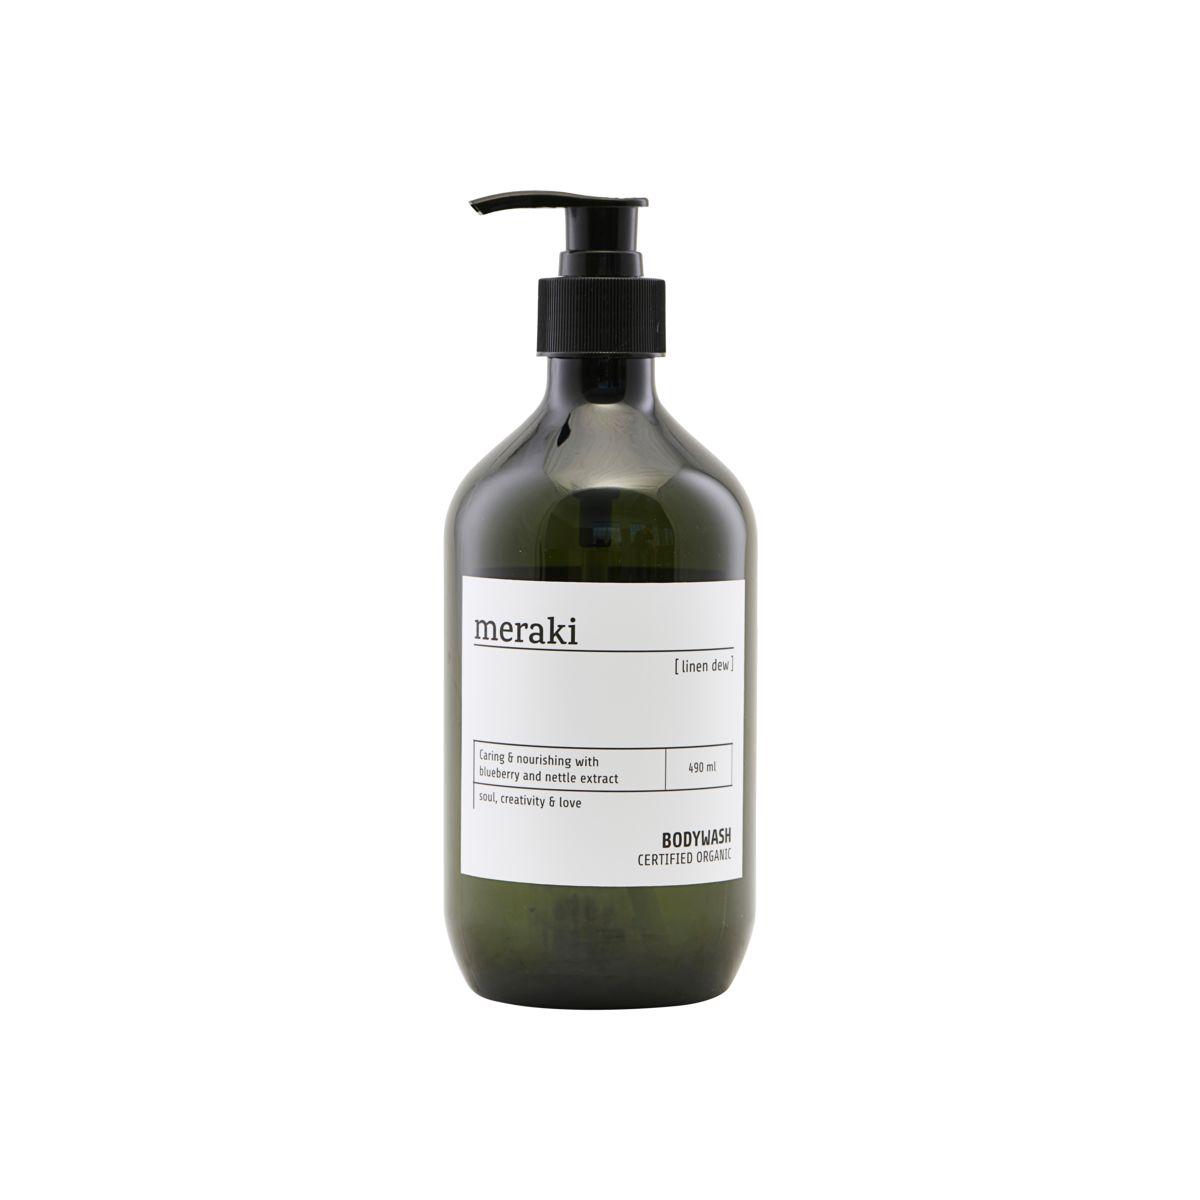 Meraki Linen Dew Body Wash, 490 ml